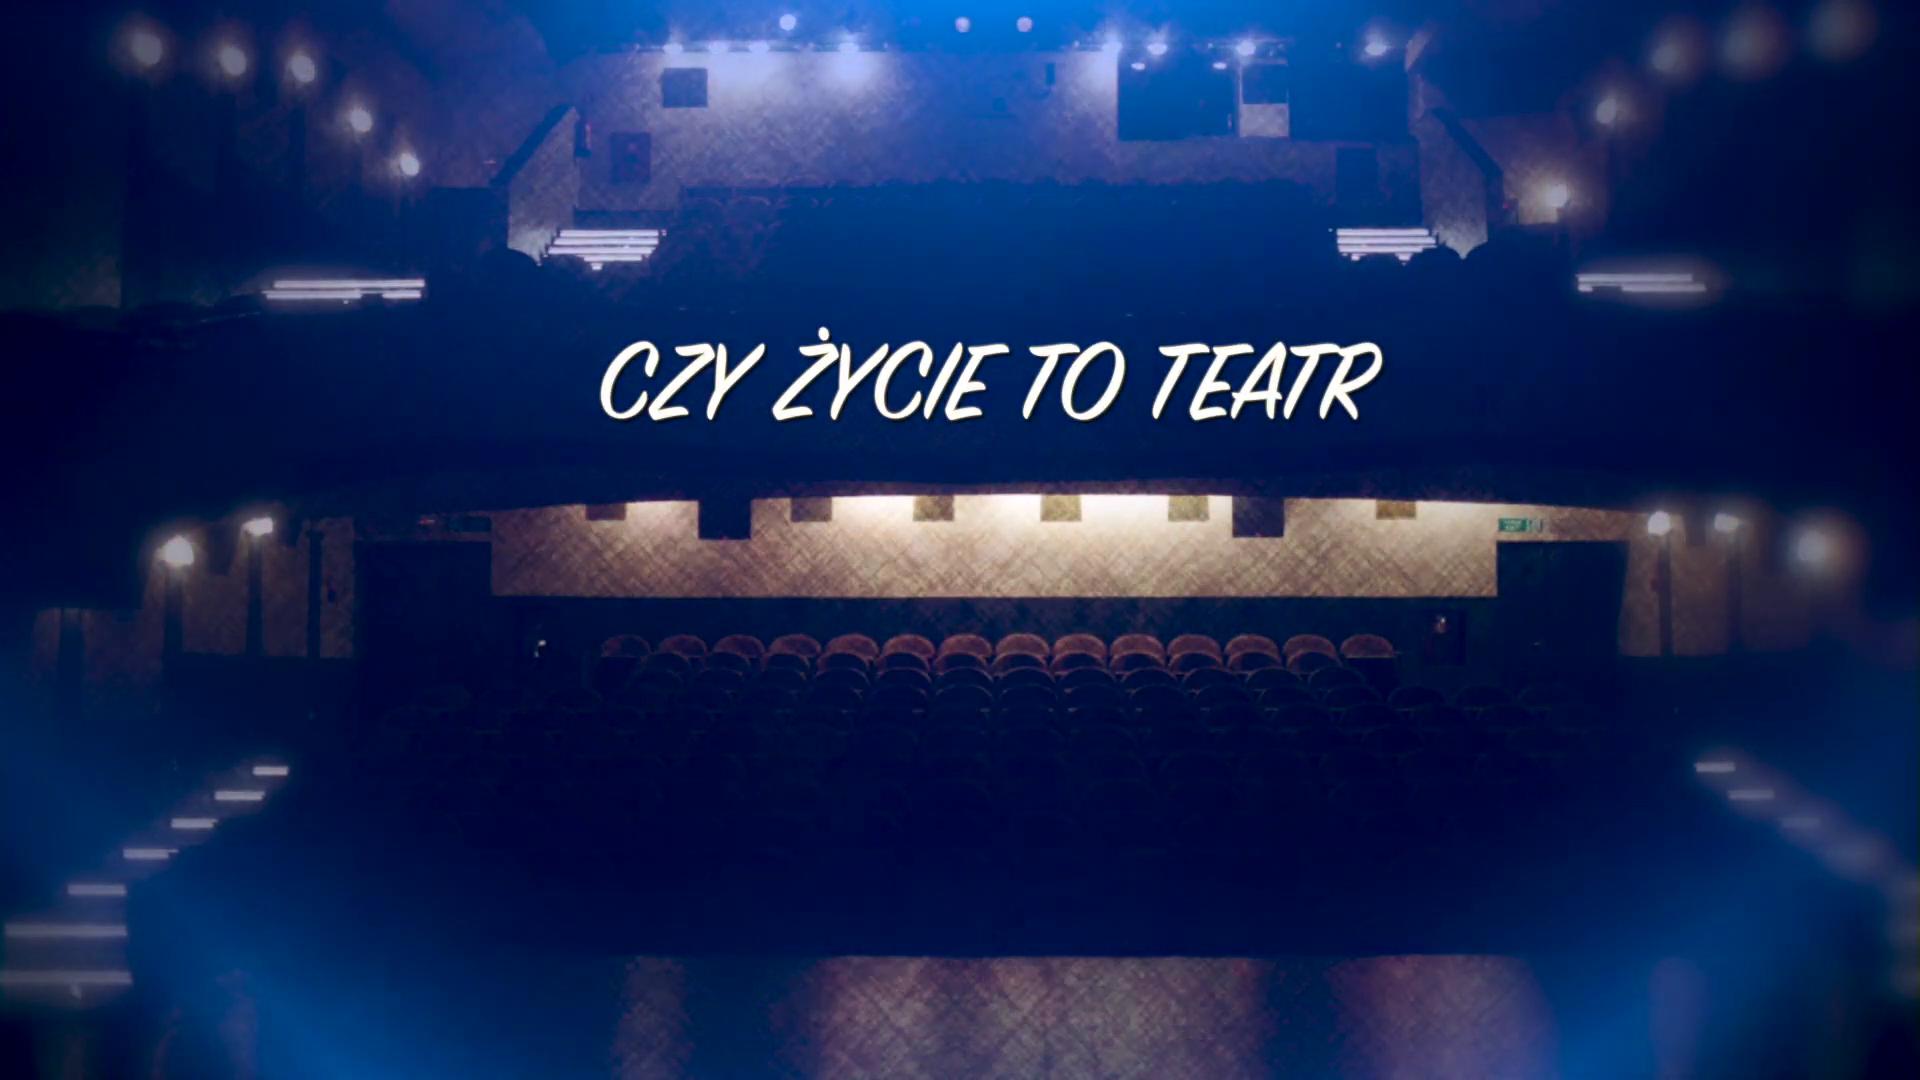 Ilustracja przedstawiająca widownię teatralną, na tym tle napis CZY ZYCIE TO TEATR.